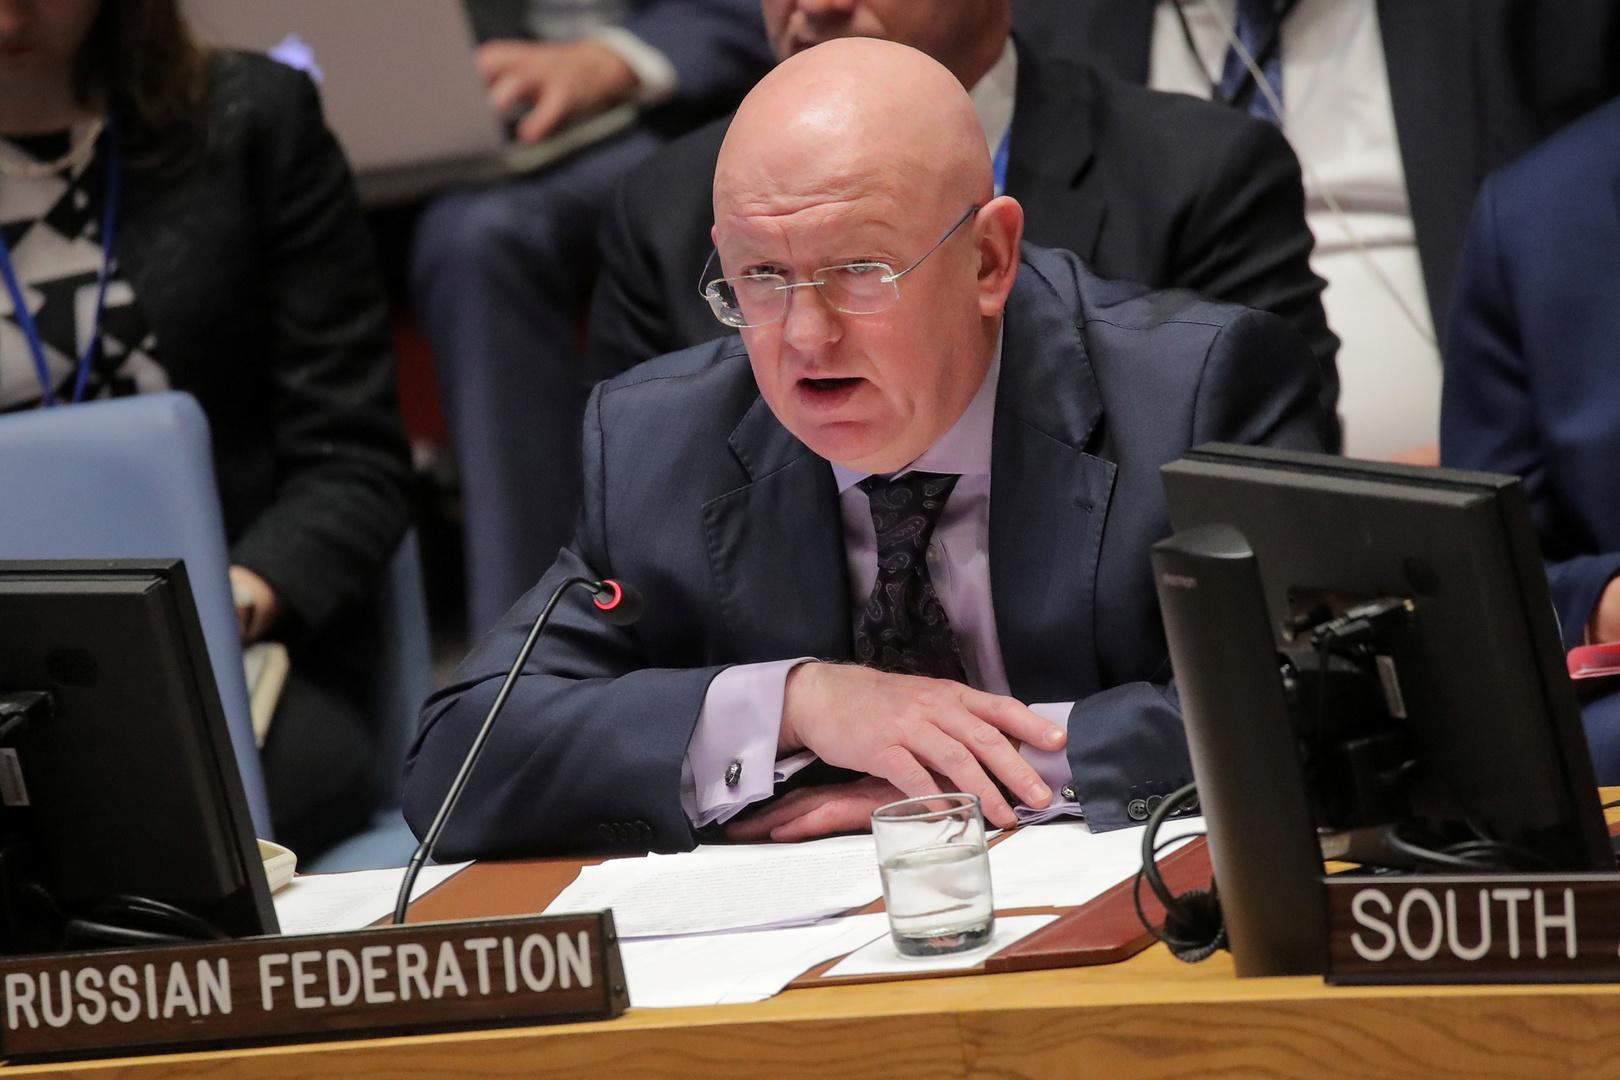 نيبينزيا يؤكد انسحاب روسيا من آلية أممية خاصة بسوريا ويوضح سببه